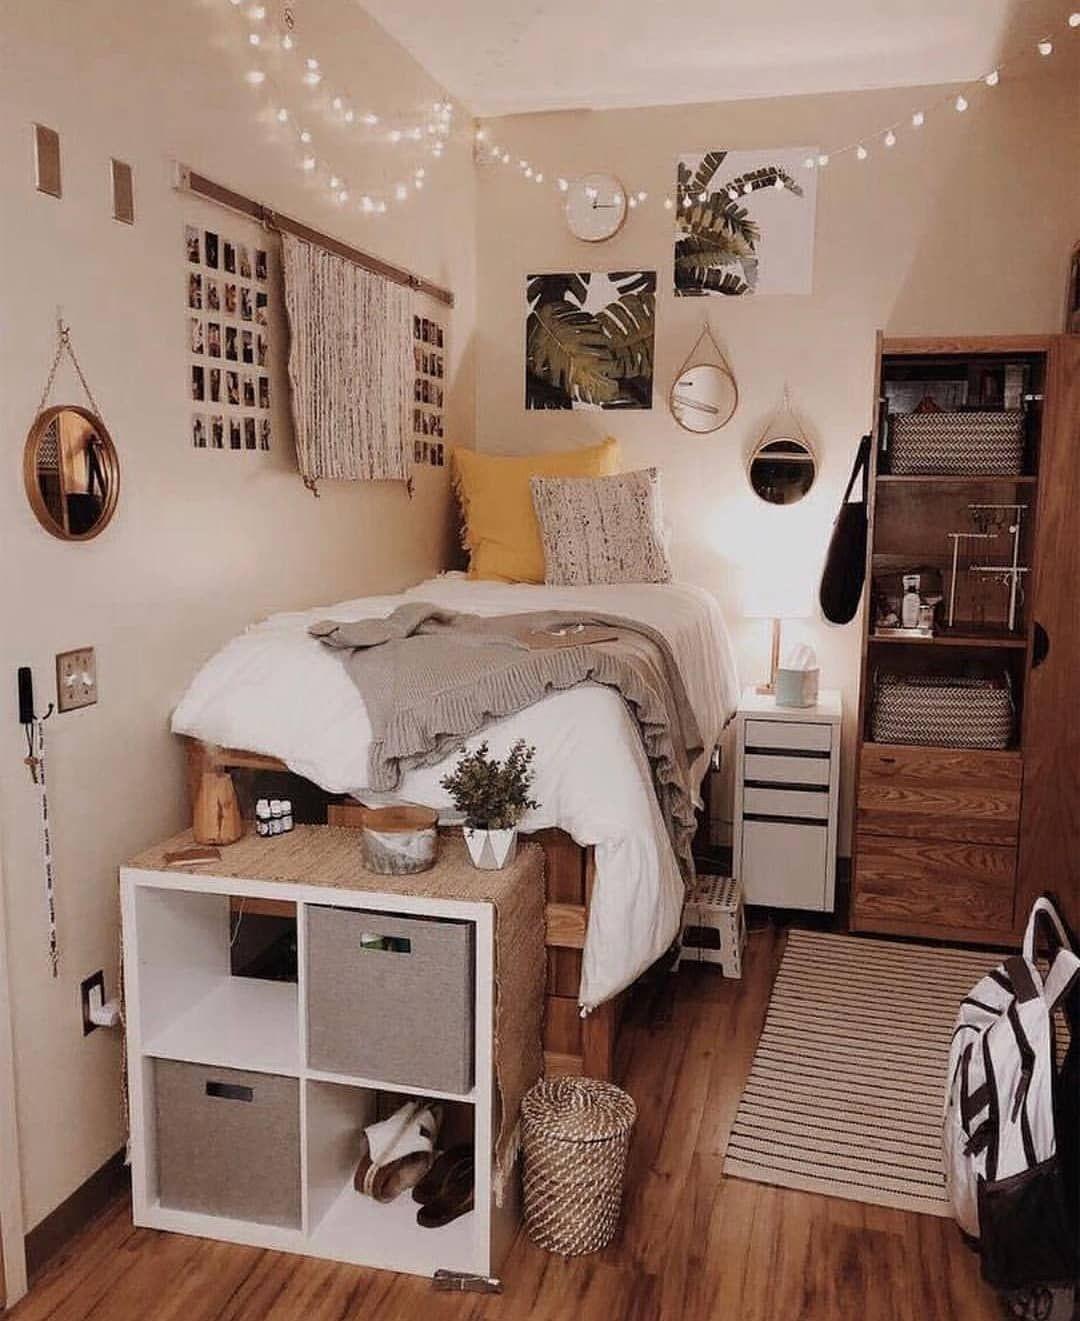 Kleine Wohnungen einrichten: Tipps für mehr Platz : Schöne und praktische Ideen für kleine Wohnungen